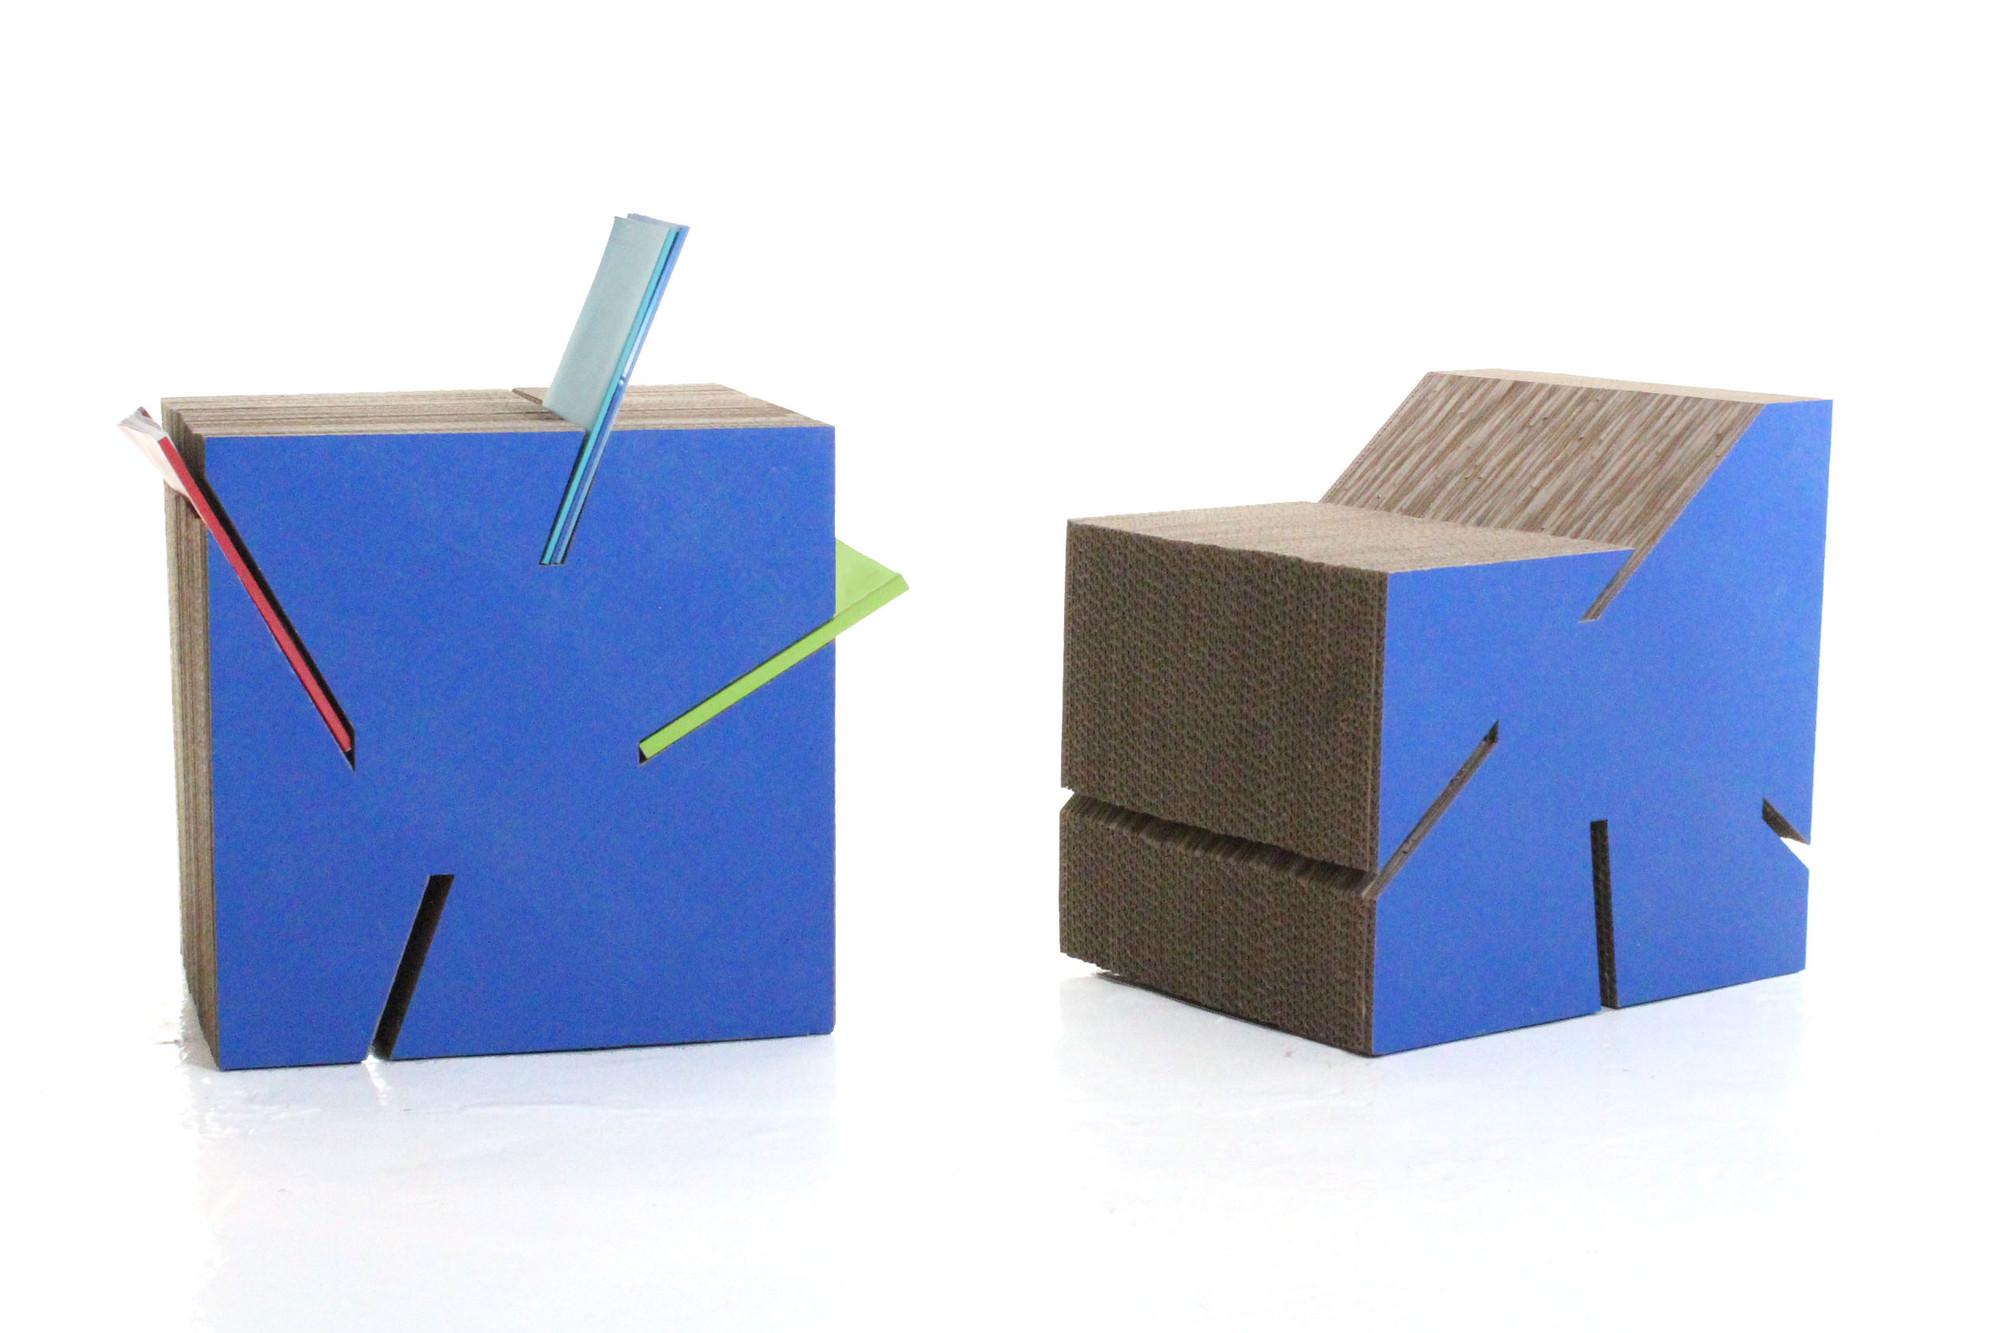 ECO Furniture / Svetlana Kozhenova , Courtesy of Svetlana Kozhenova